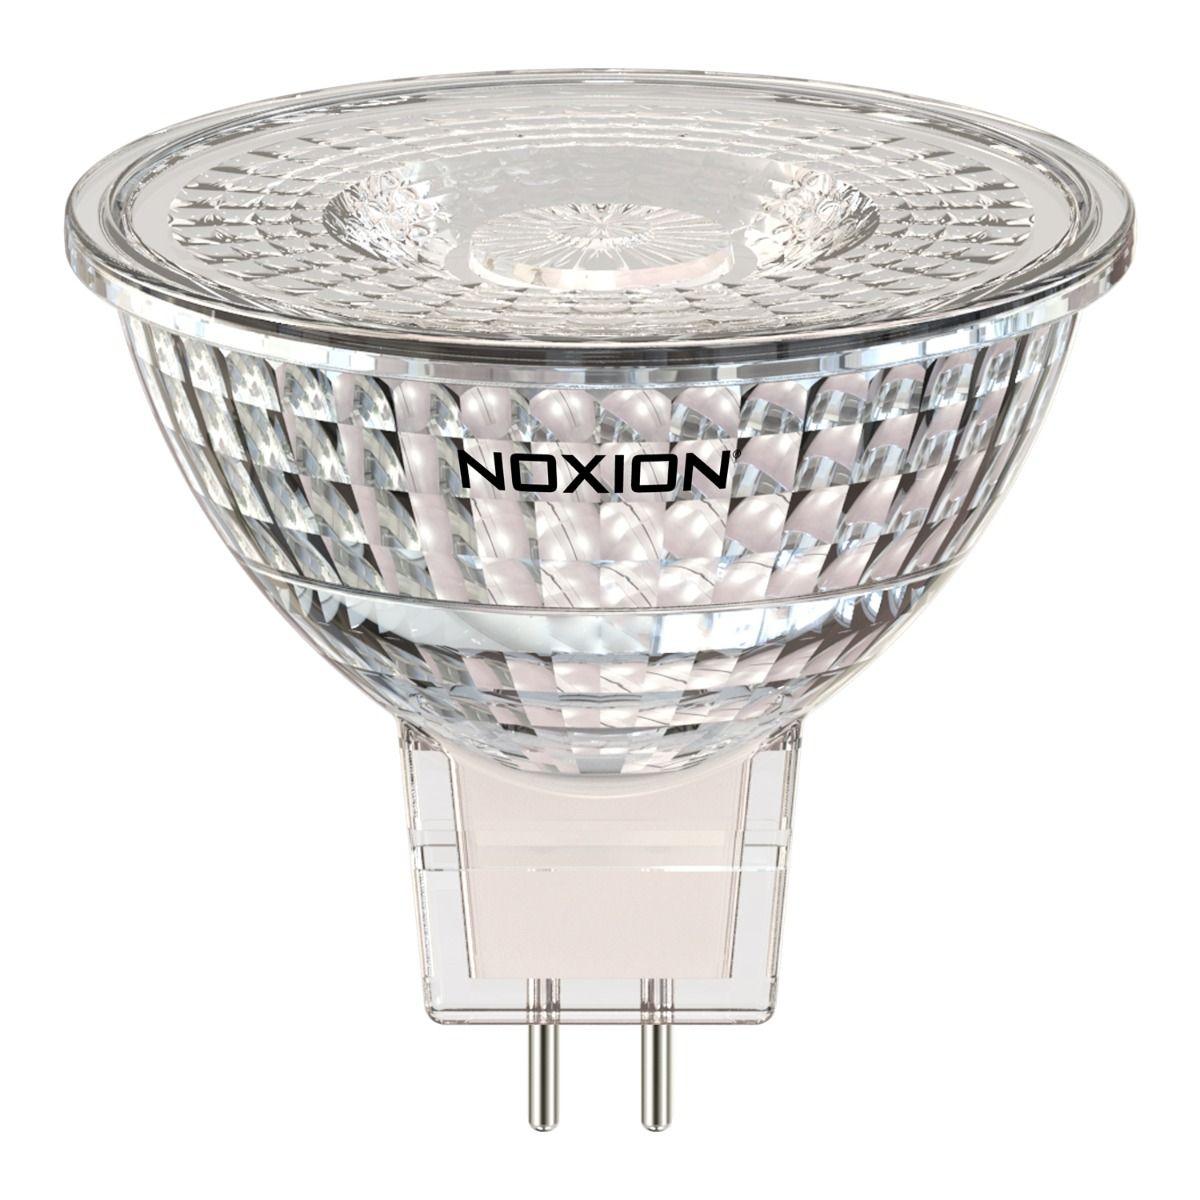 Noxion LED Spot GU5.3 5W 840 60D 470lm | Dimbaar - Vervanger voor 35W